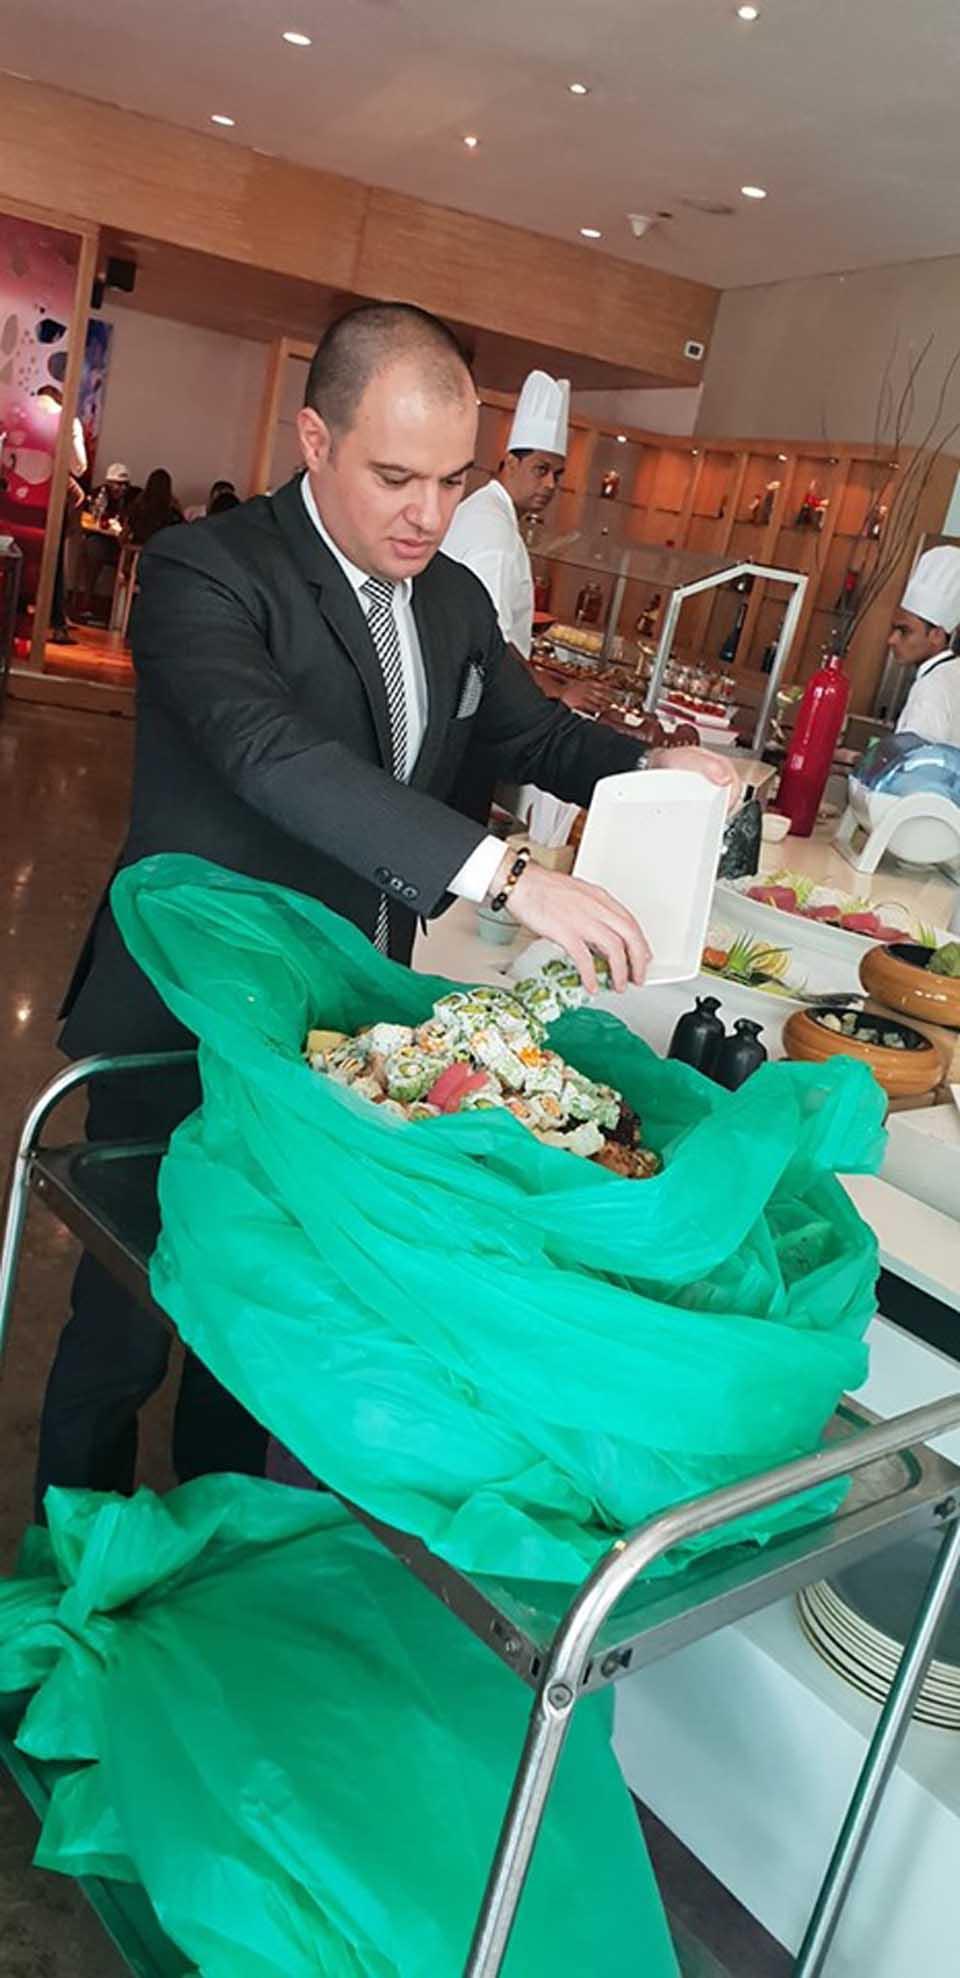 Reciclaje de alimentos en Hoteles